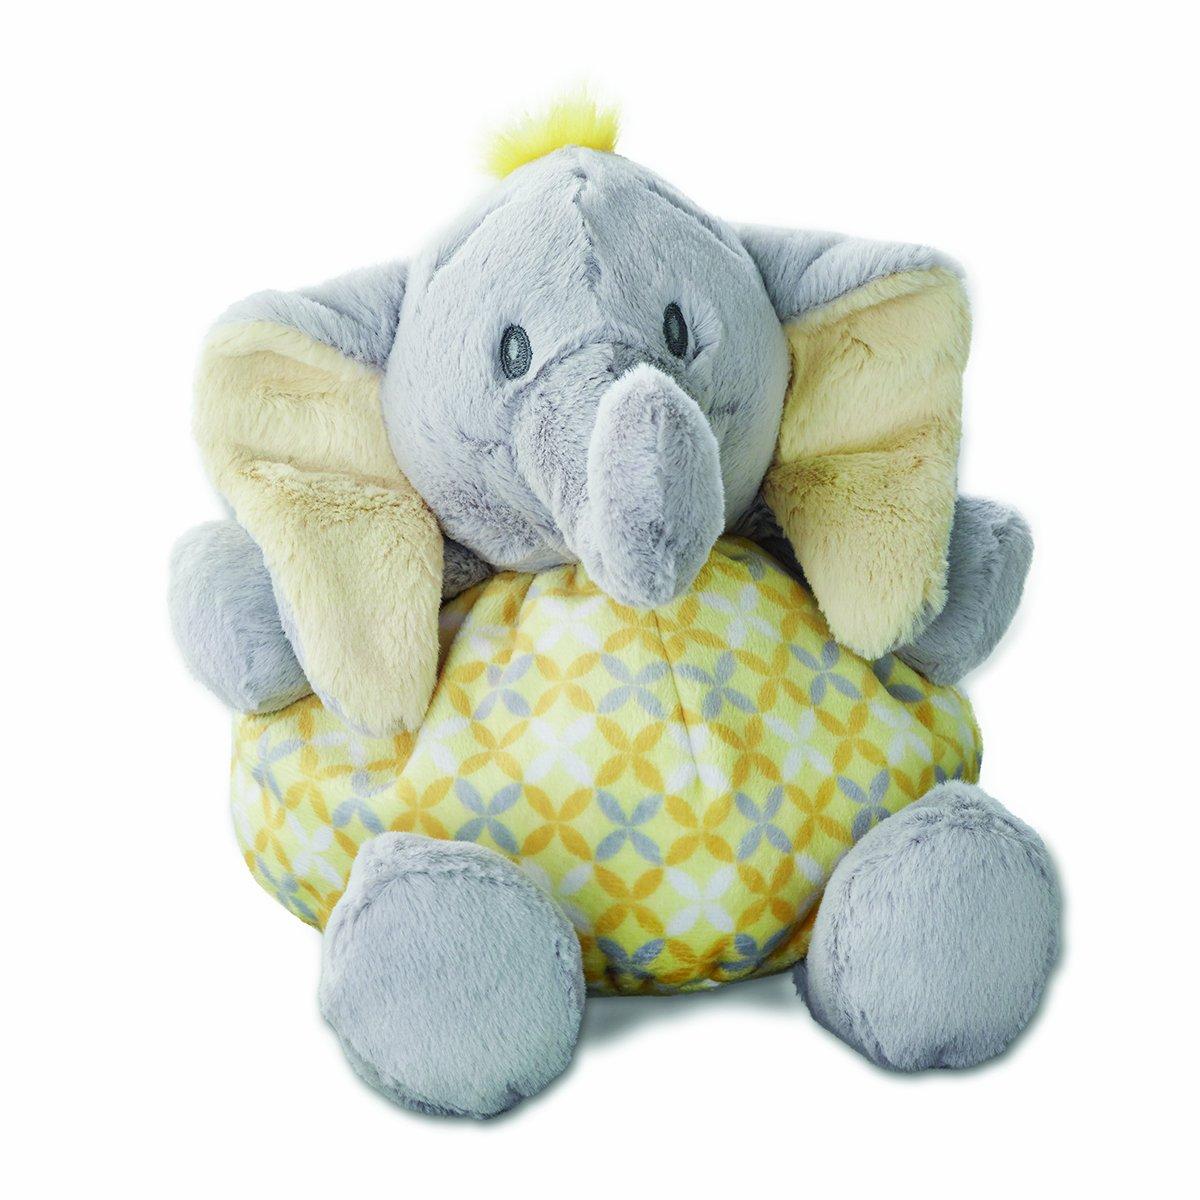 Tusk Elephant 5004700038 Nat and Jules Rattle Plush Toy